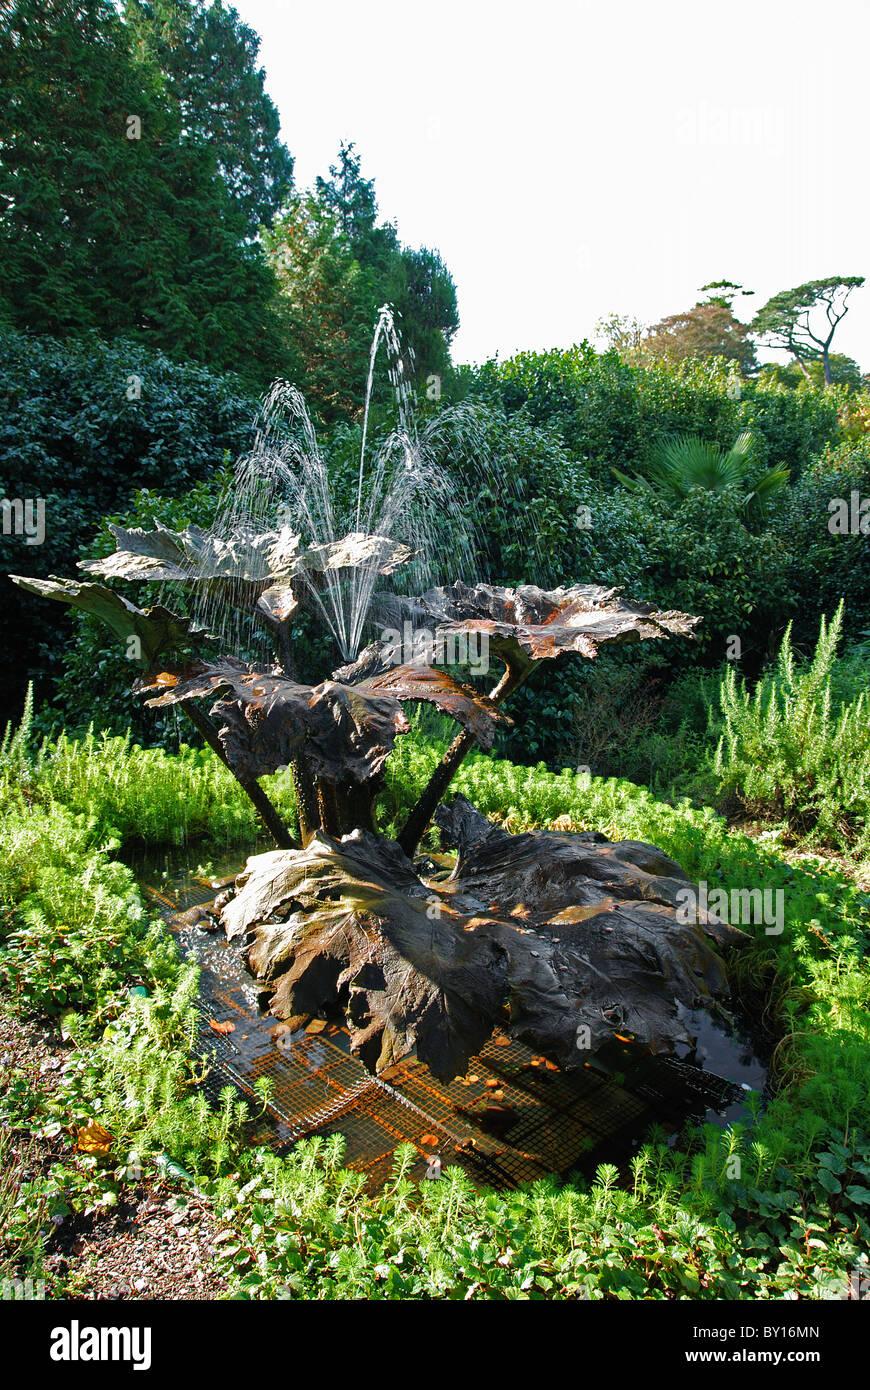 Un rame fontana scolpita a Trebah gardens, vicino a Falmouth in Cornovaglia, Regno Unito Foto Stock